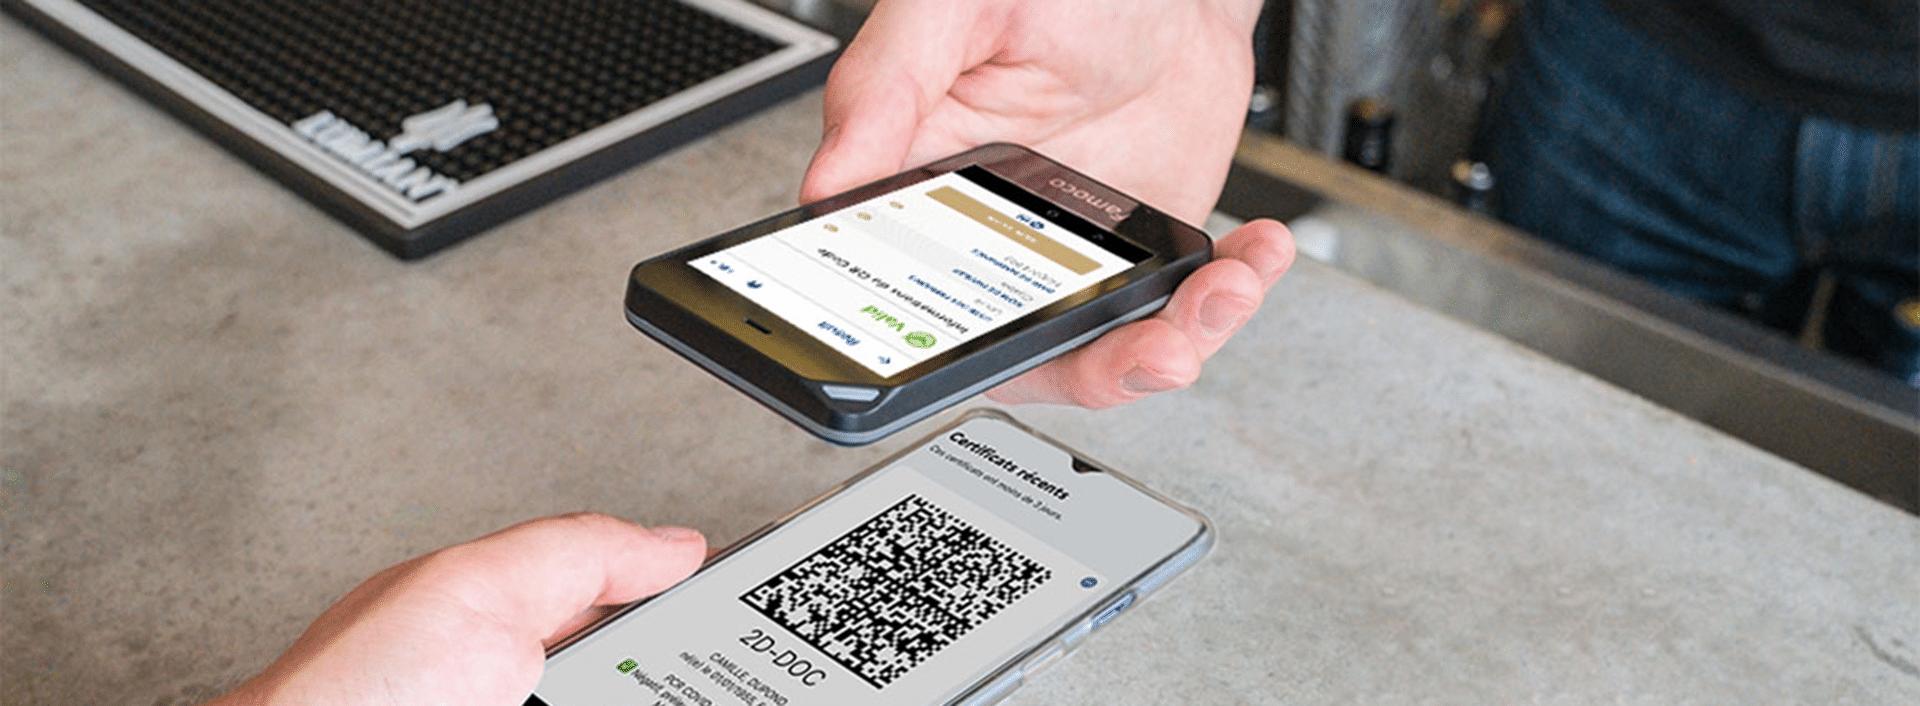 banner-article-famocoTAC-vs-smartphone